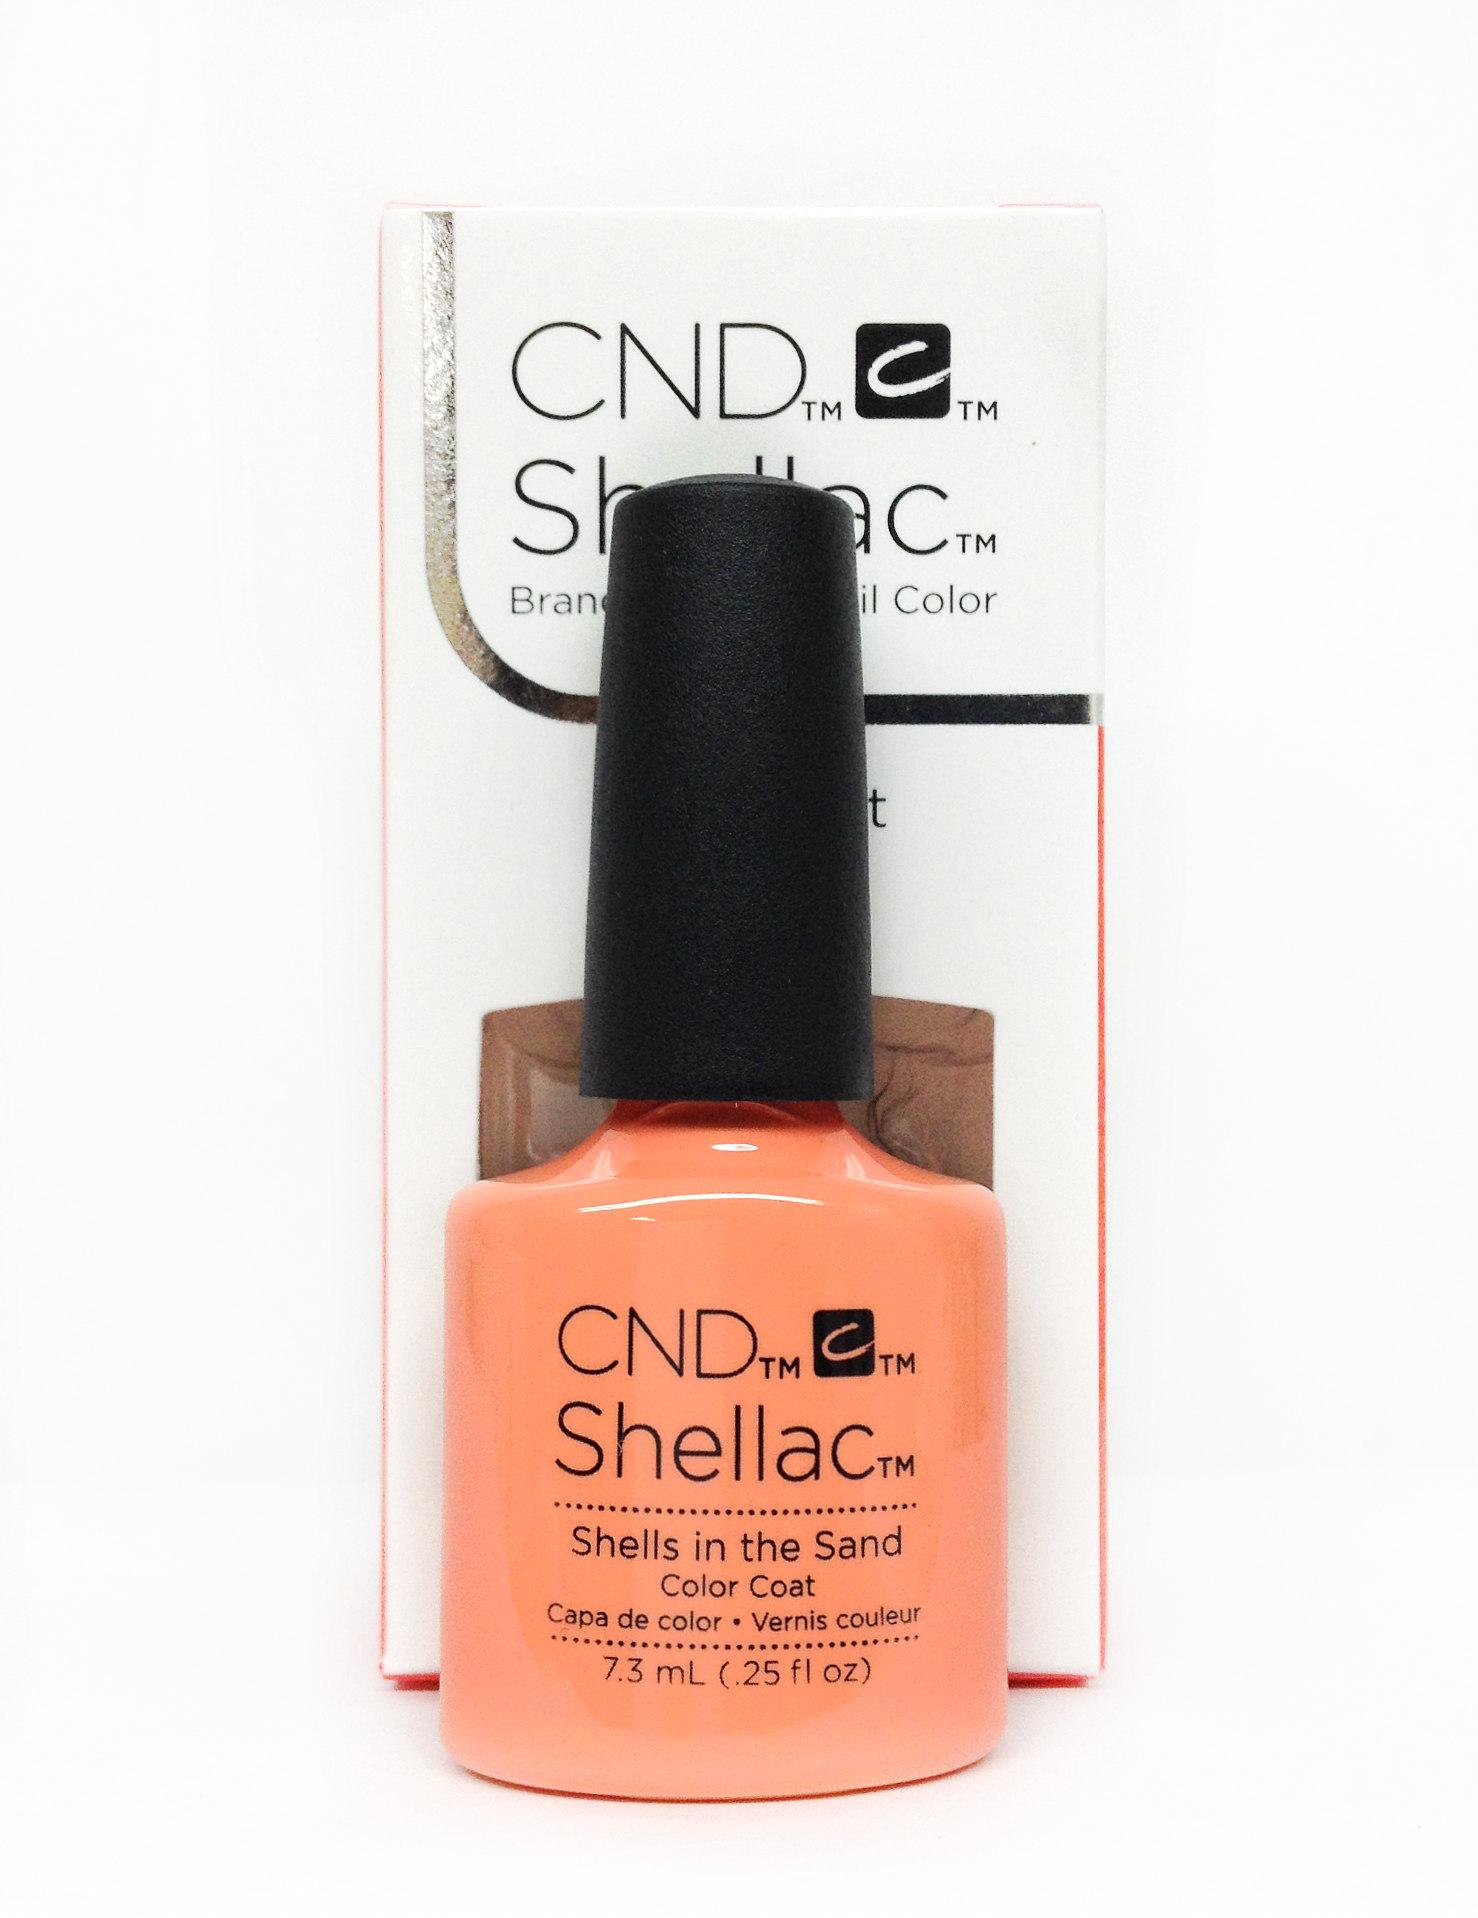 CND Shellac UV Gel Polish 0.25oz/7.3ml - (CND91590 - Shells in the Sand)